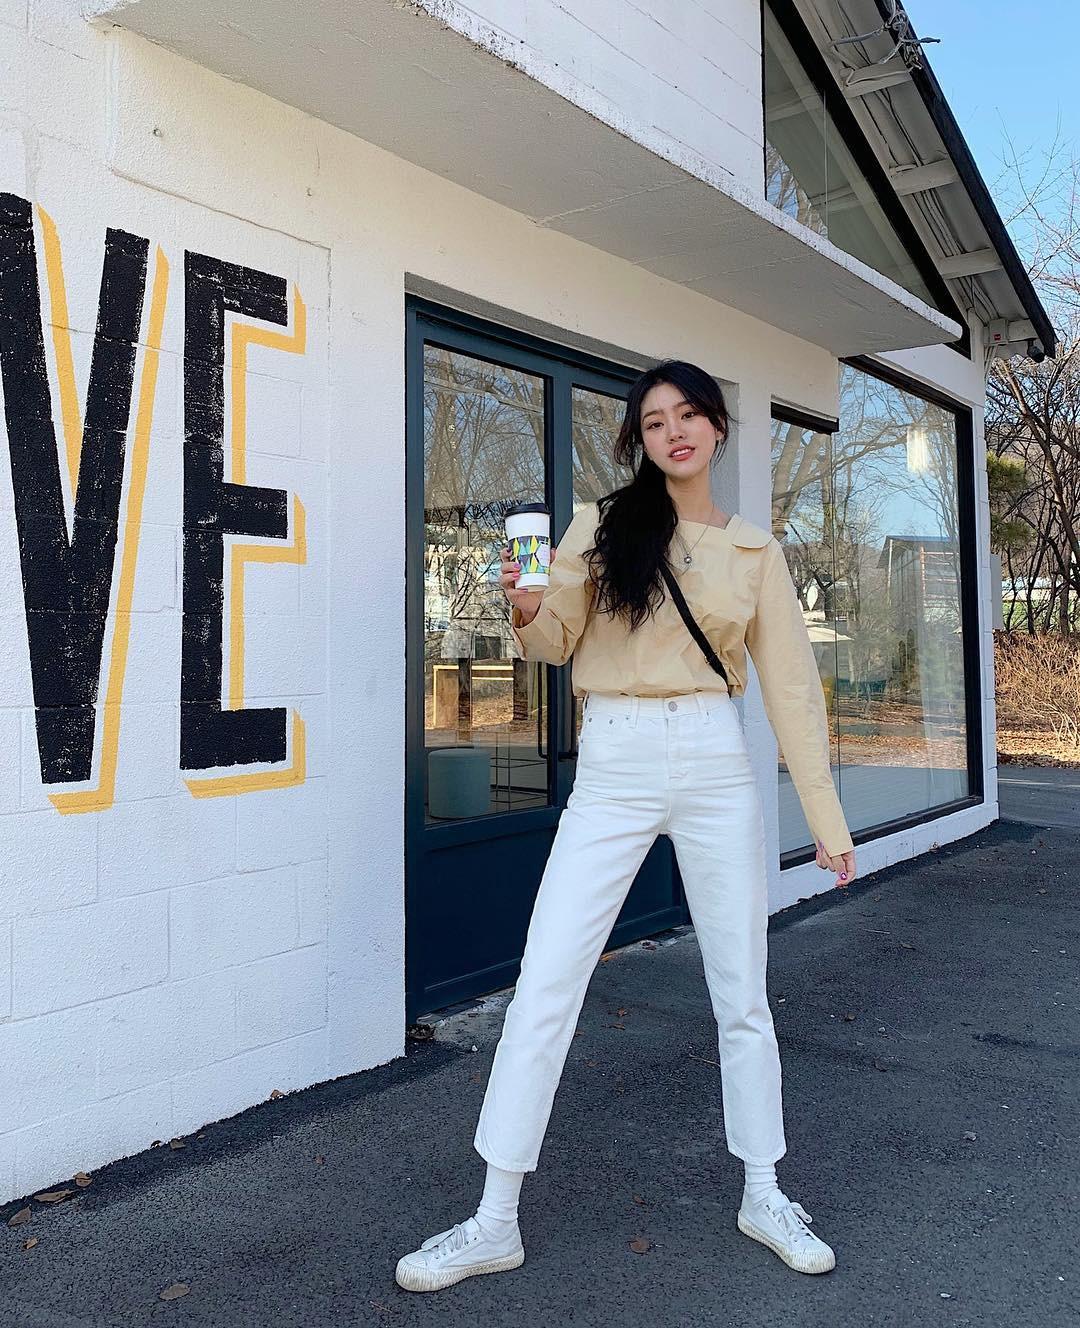 Loạt công thức mix đồ hot hit nhất của mùa xuân mà bạn cần biết nằm cả ở street style của giới trẻ Hàn tuần qua - Ảnh 5.